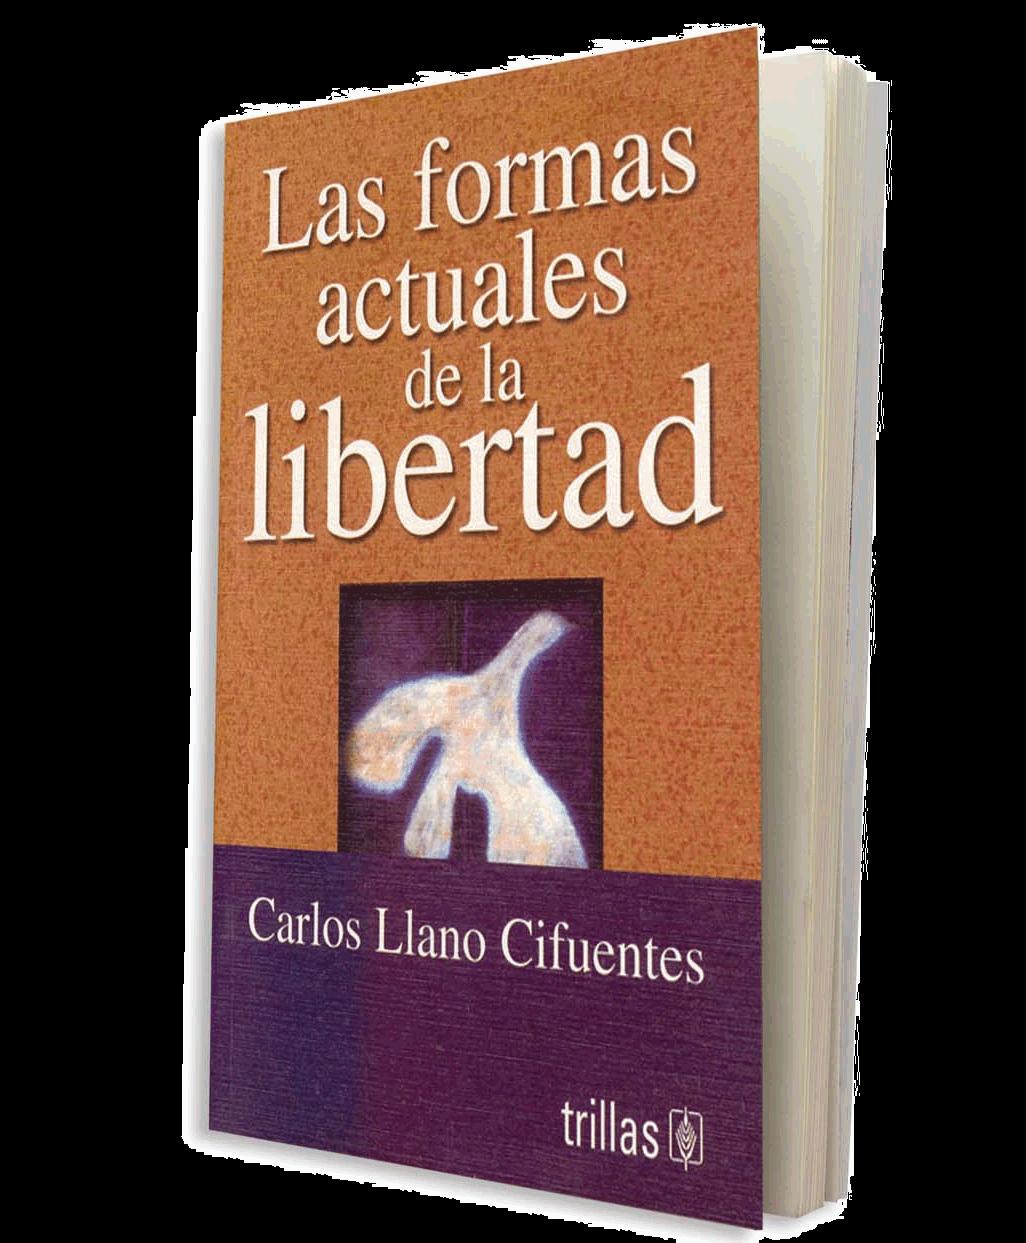 Las formas actuales de la libertad